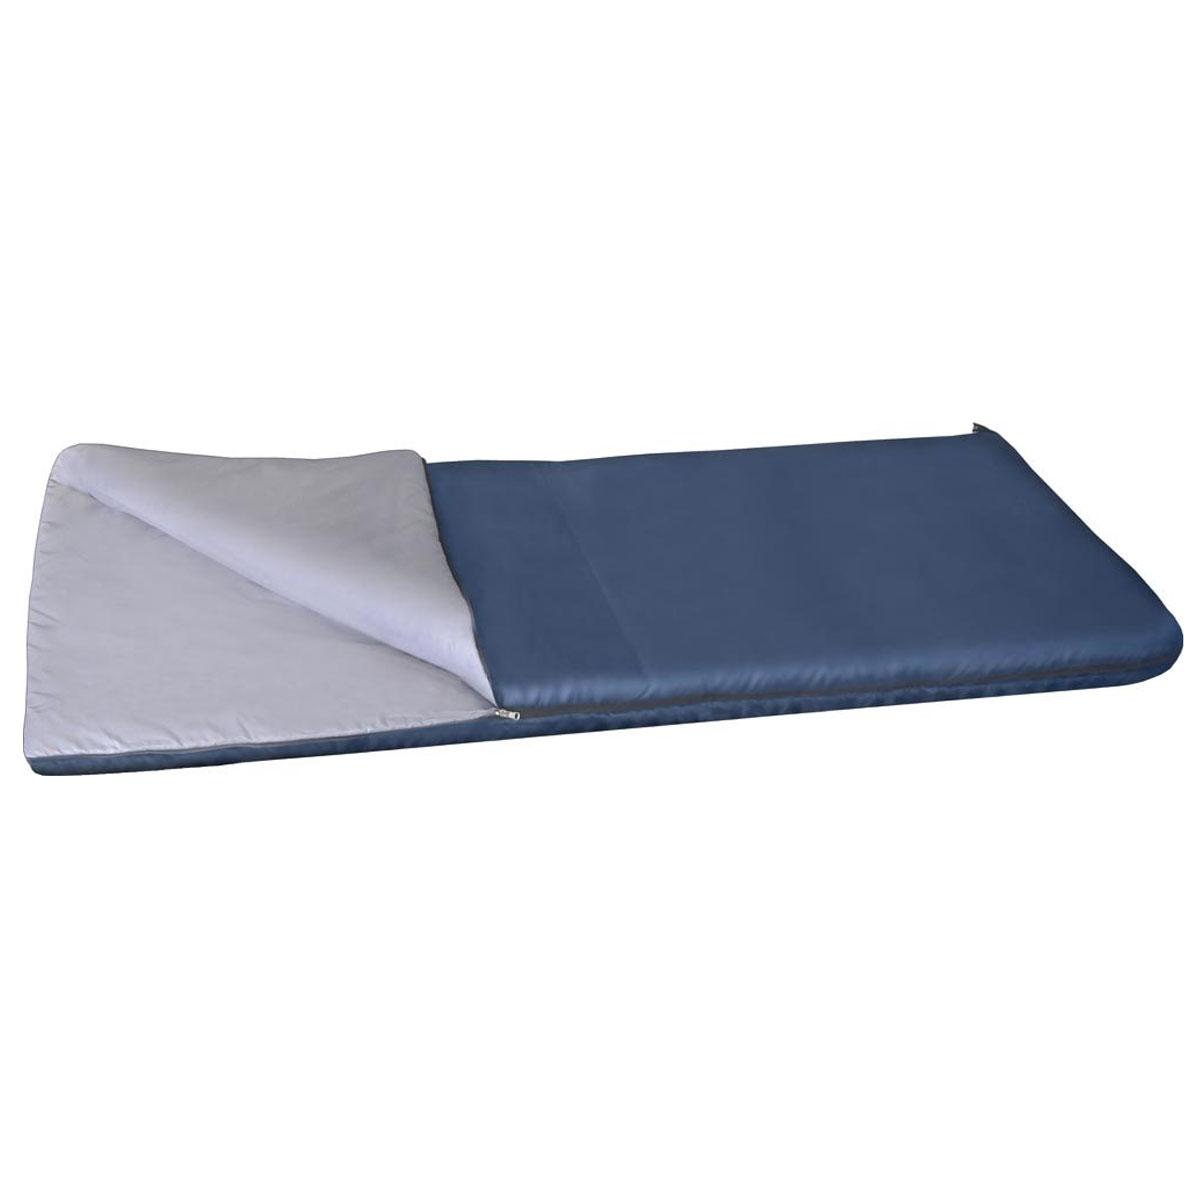 Спальный мешок-одеяло Alaska Одеяло +15 °С, цвет: синий, левосторонняя молния. 95217-405-0003/1/12Спальный мешок Одеяло +15 - один из самых недорогих, летний спальный мешок для самого экономного туриста. Основное отличие от остальных спальных мешков категории одеяло - это конечно цена! Даже отсутствие в комплекте компрессионного мешка обусловлено исключительно стремлением сделать цену спальника для комфортного отдыха на природе максимально доступной. Несмотря на низкую стоимость, спальный мешок Одеяло +15 отвечает всем требованиям к современным спальникам, обеспечивает достойный, комфортный отдых и максимальную простоту в обслуживании. Материал известного утеплителя Холлофайбер проверен многолетним опытом эксплуатации спальников более ранних моделей. Спальный мешок Одеяло +15 - это дежурный спальник для дачи, его можно постоянно возить в багажнике авто на всякий пожарный случай, можно укрыть нежданных гостей расстегнув спальник и превратив его в полноценное одеяло.Вывод: спальник Одеяло +15 - простой, надежный, дешевый спальный мешок на все случаи жизни.Ткань верха: Политафета 170Т.Внутренняя ткань: Политафета 170Т.Для одеял без подголовника Alaska Одеяло +15 °С левая или правая молния не имеет значения, они состегиваются.